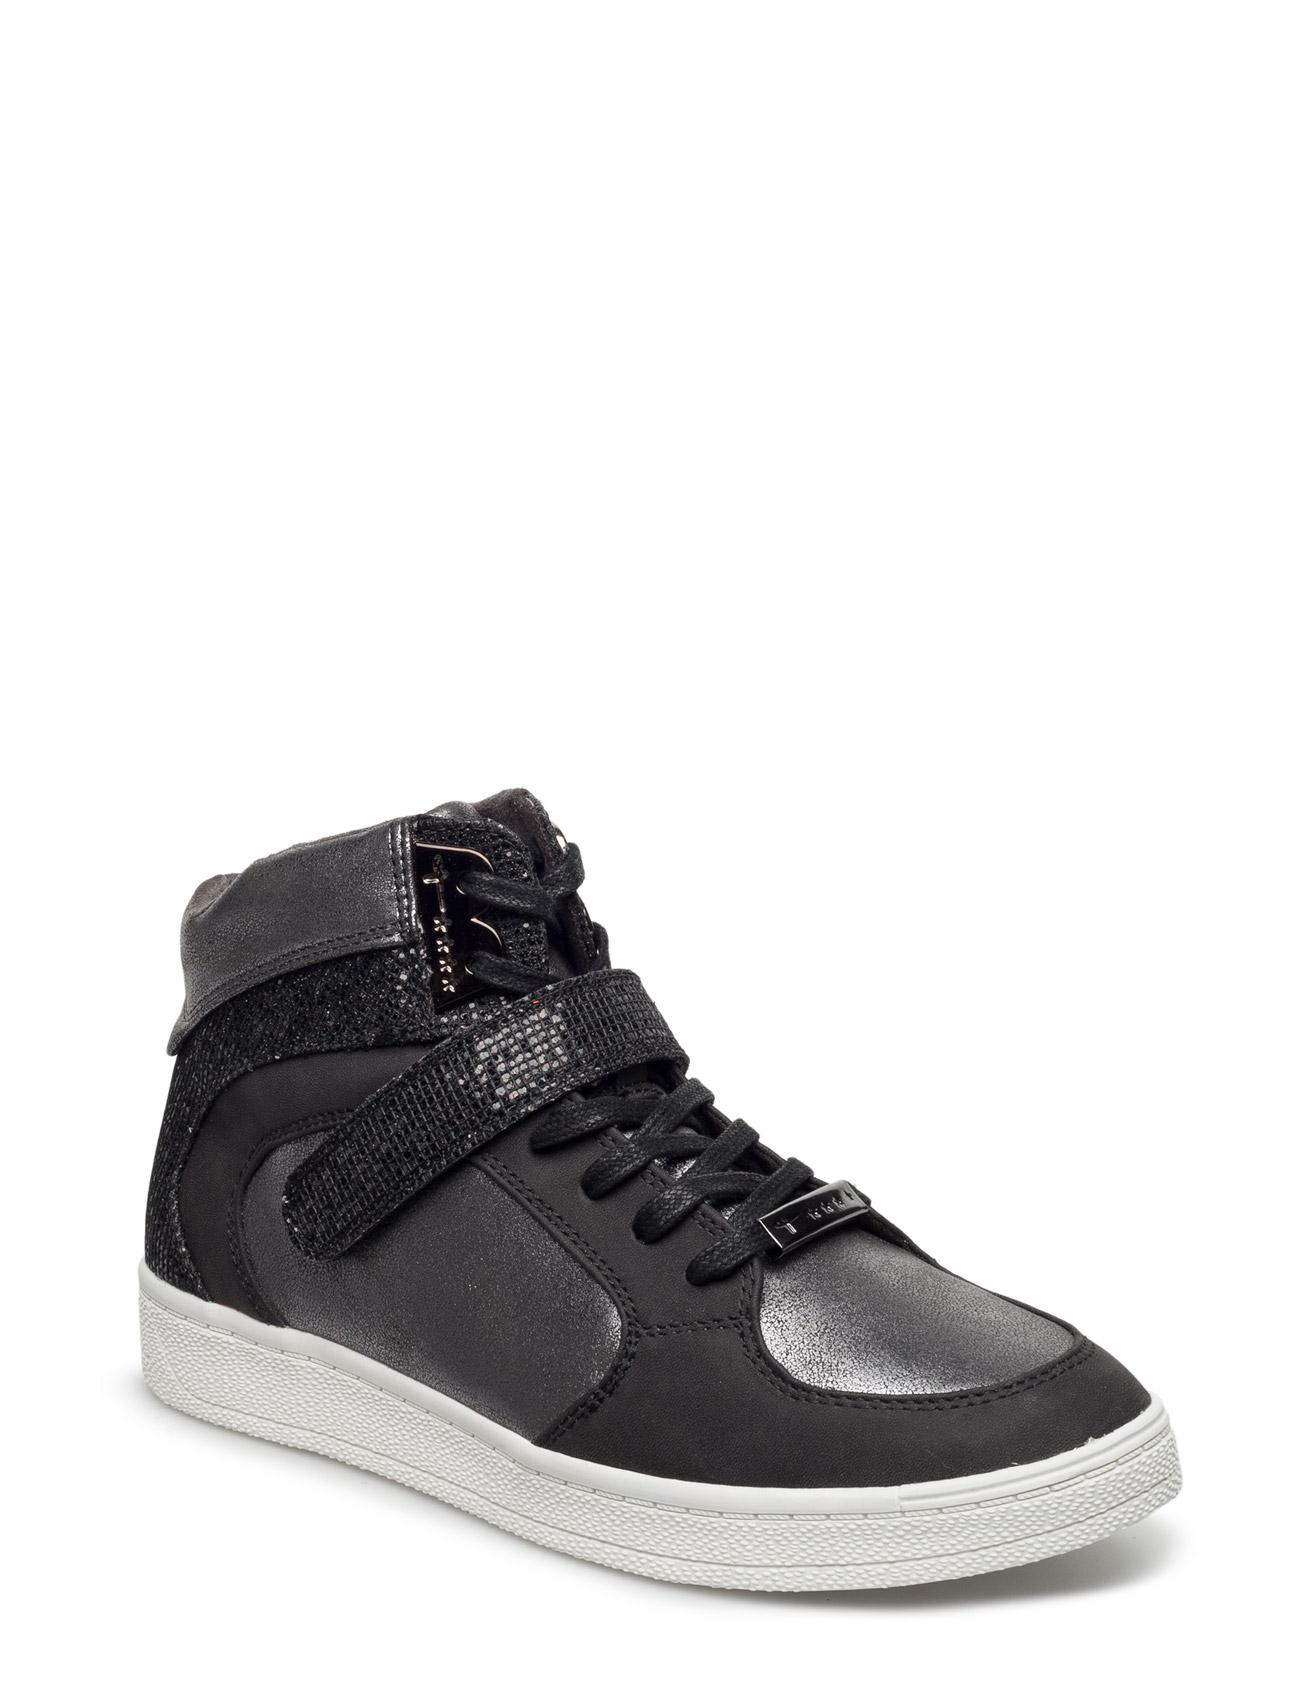 Woms Boots Tamaris Sneakers til Kvinder i